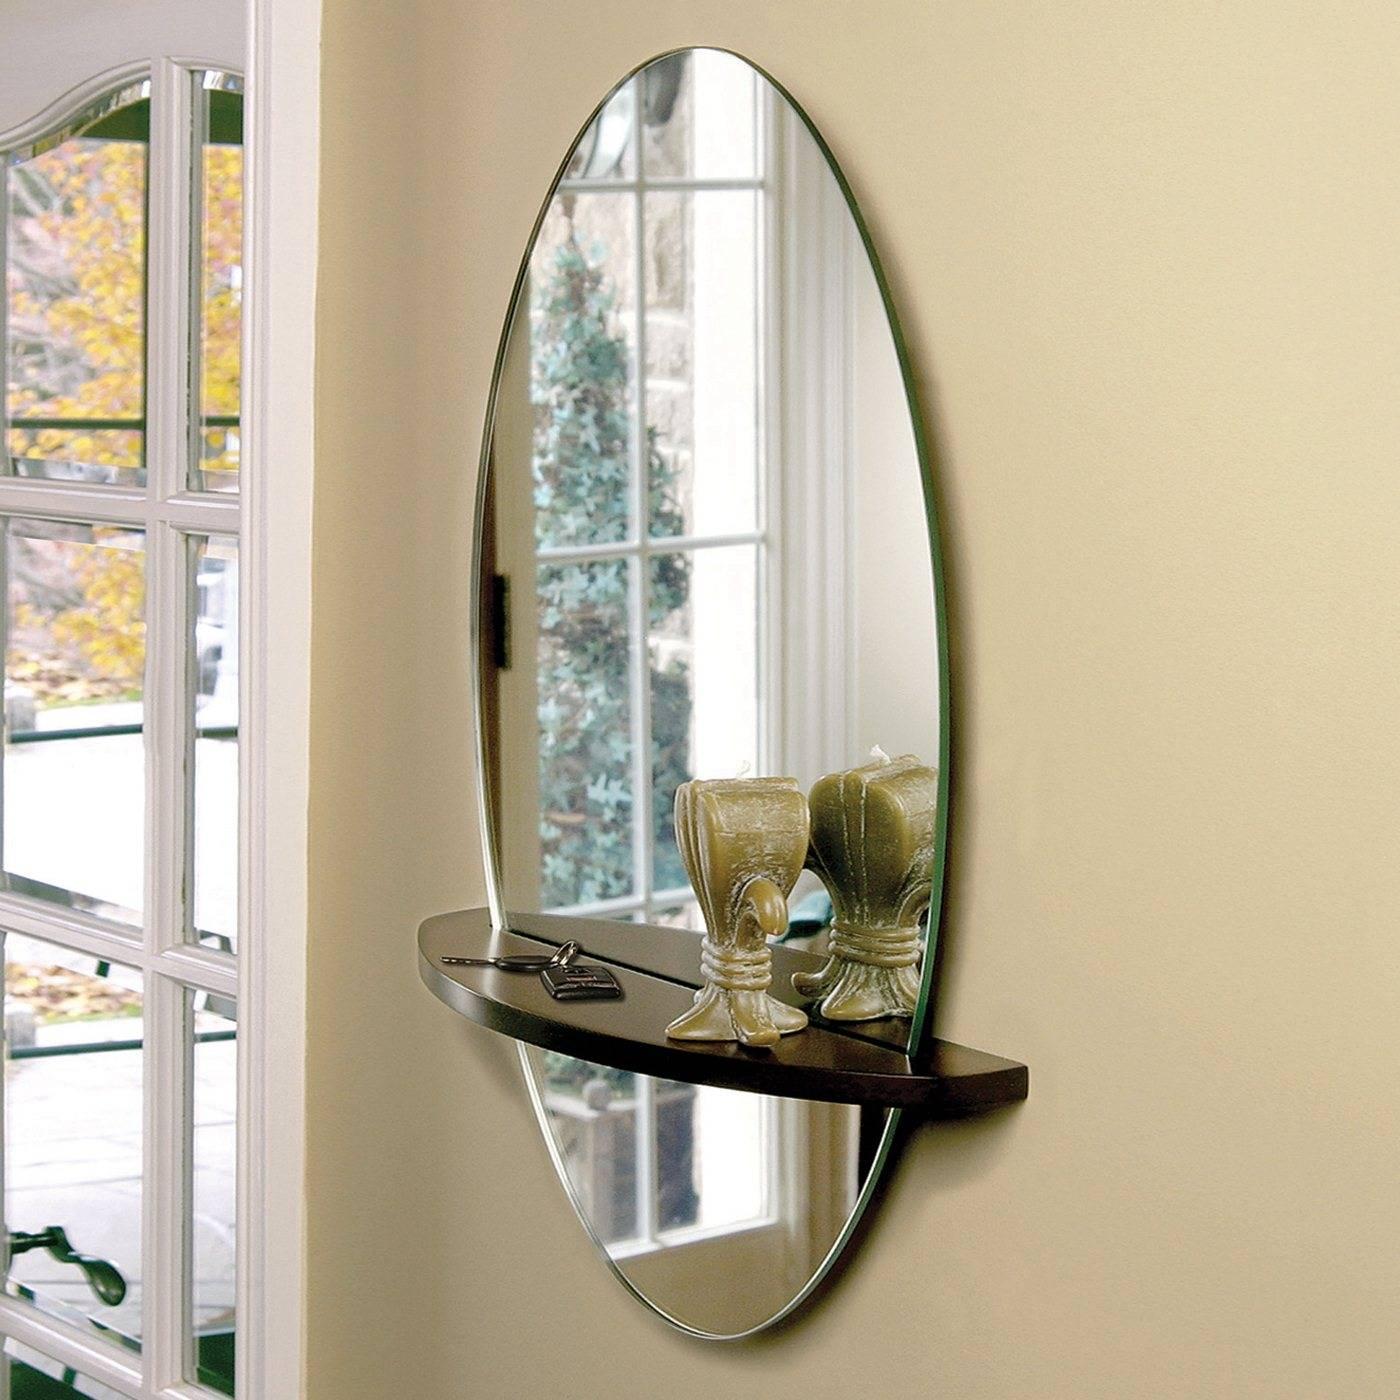 Овальное зеркало: модели с фацетом и тумбочкой, поворотное зеркало с большой рамой на ножках в спальню